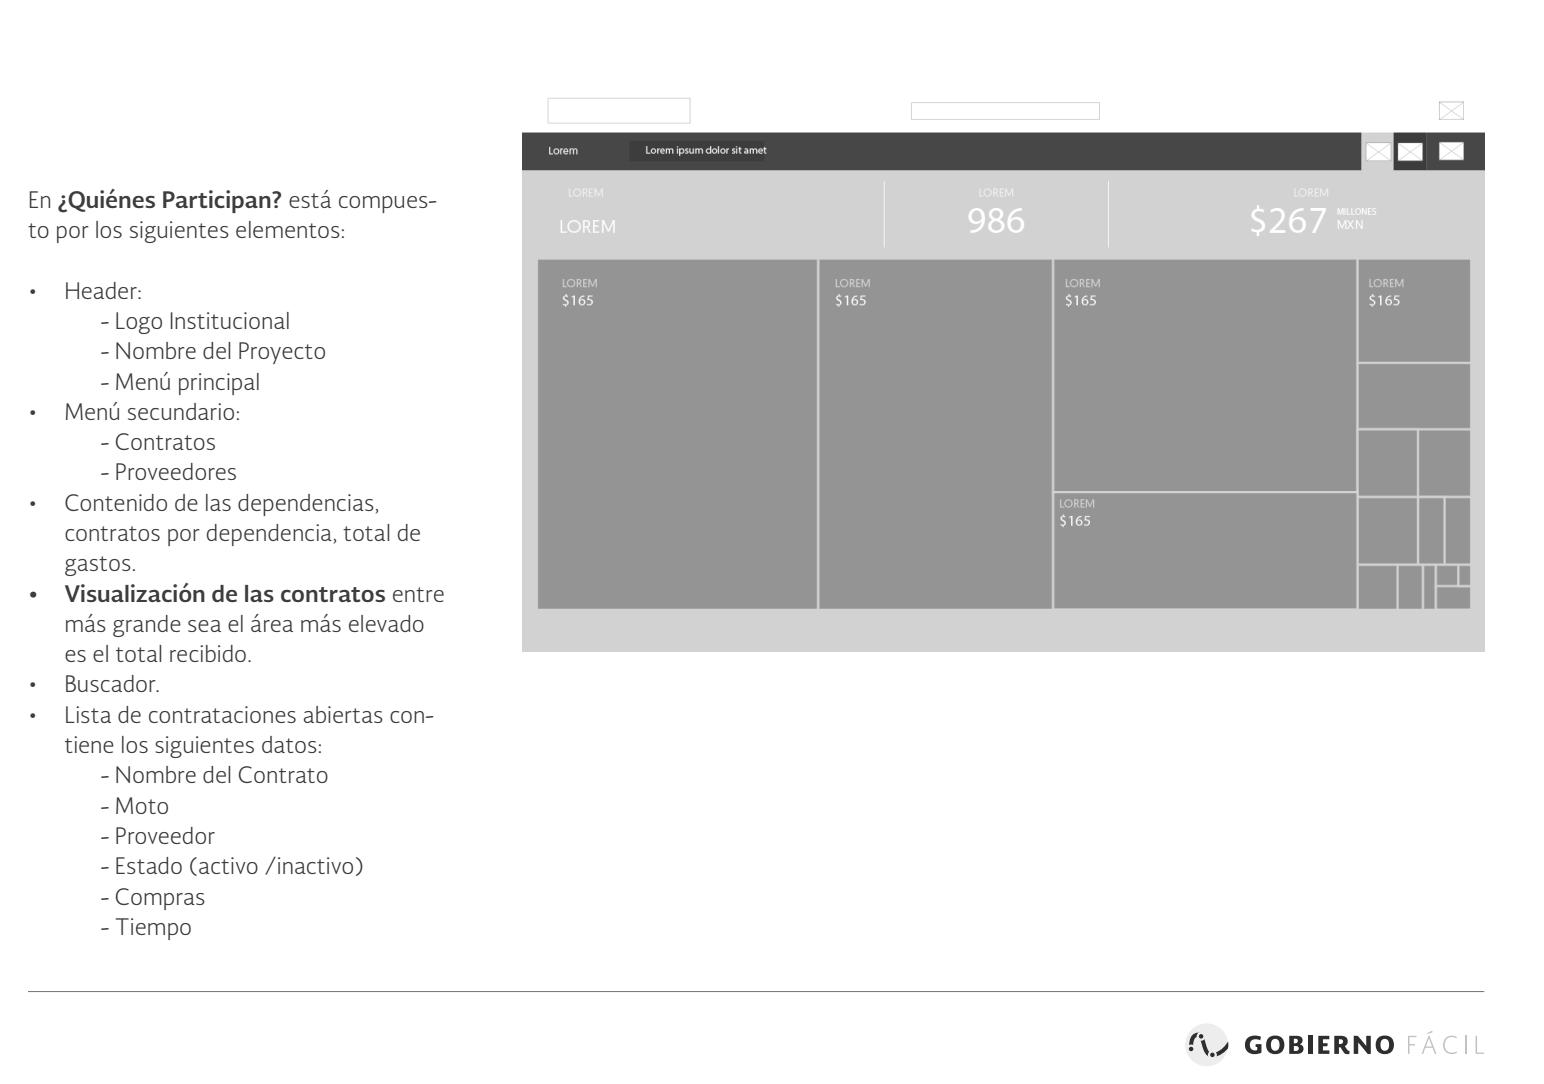 Contrataciones Abiertas de la CDMX: Wireframe